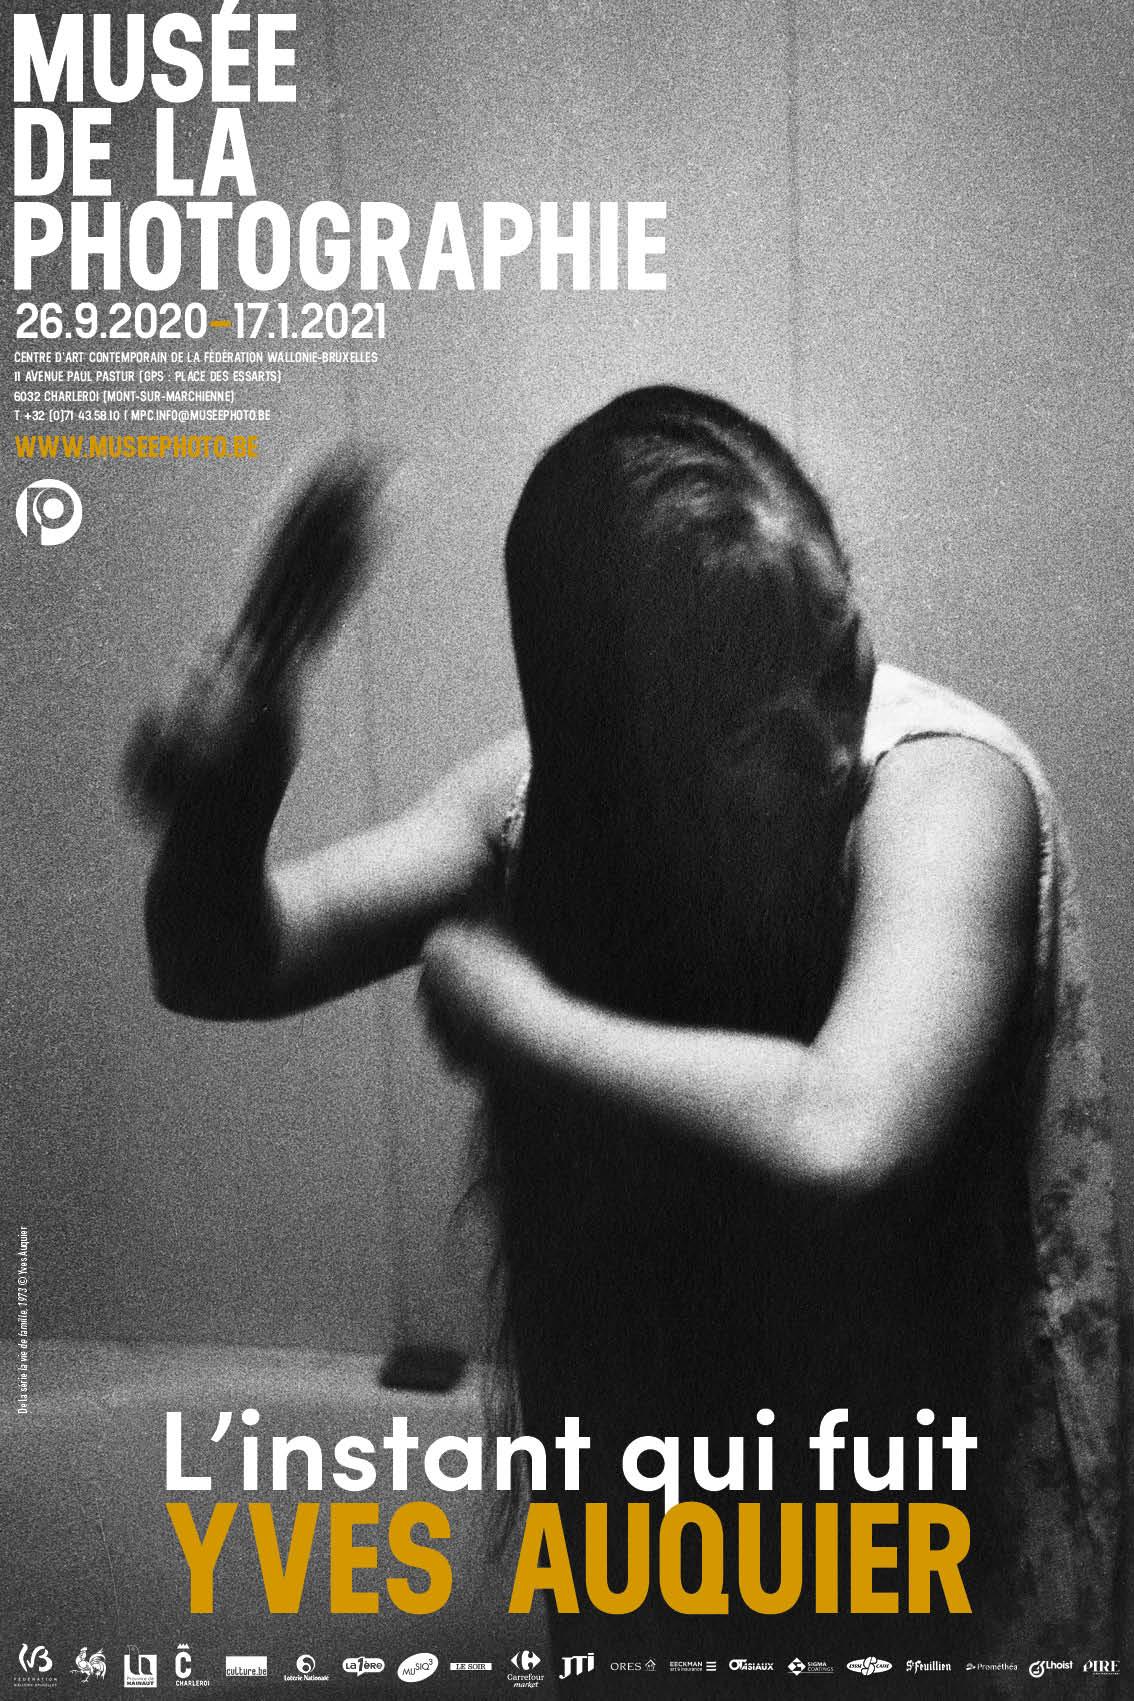 Expositions/ExpositionsPassées/26-09-20/Expo1/affiche-auquier.jpg